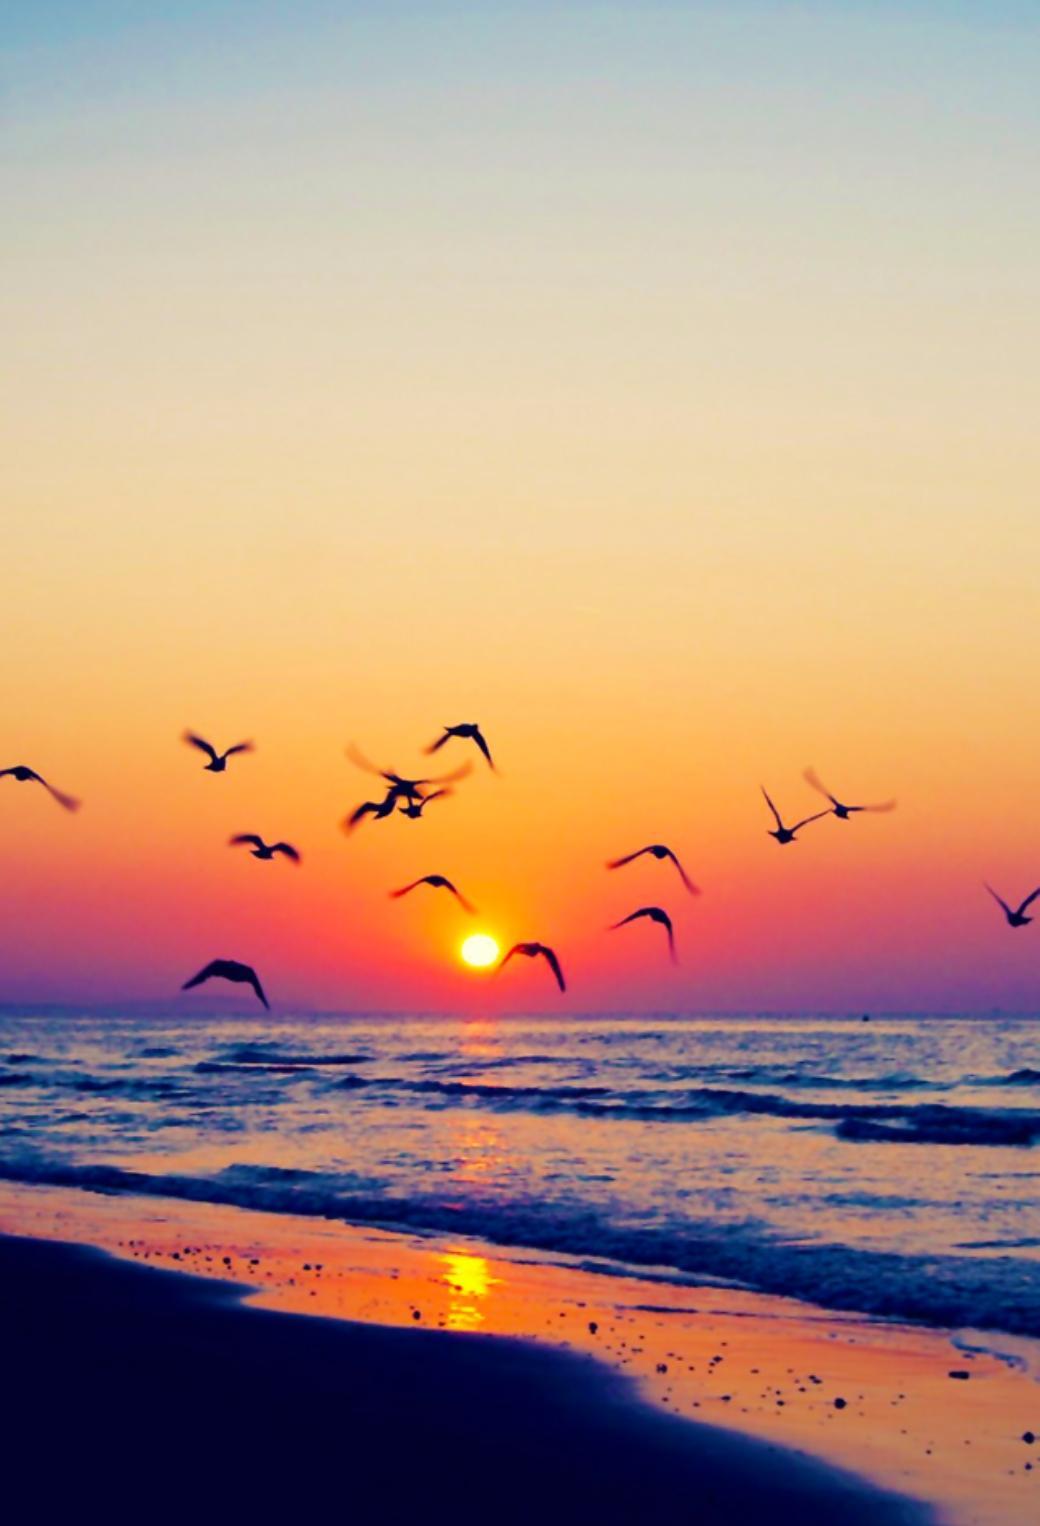 海と夕日とカモメ 39 Iphone壁紙 すべて1136 X 640pxサイズ